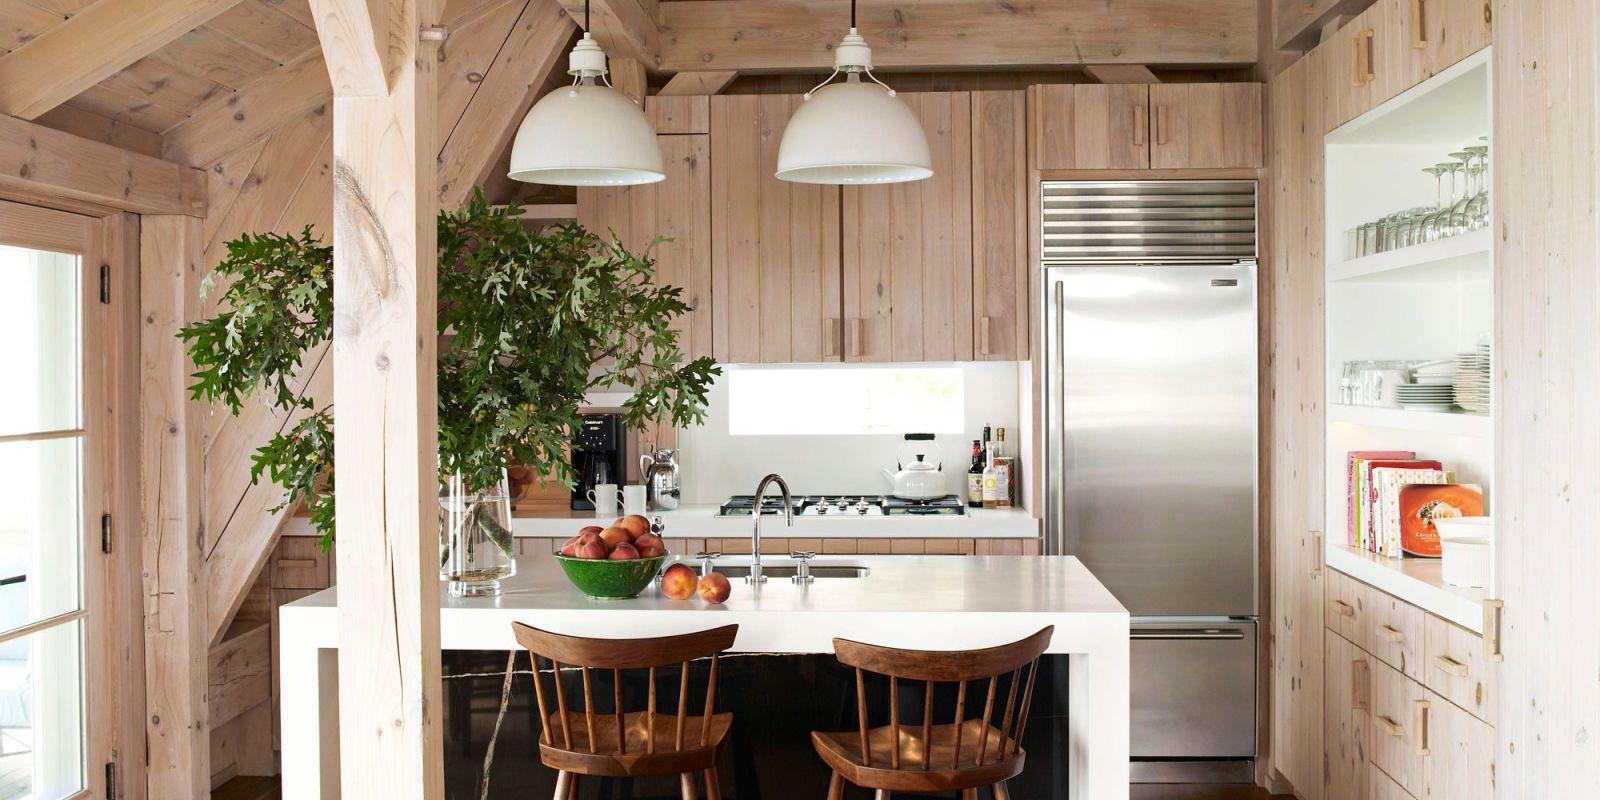 Wunderbar Küchendesign Jacksonville Beach Fl Fotos - Küche Set Ideen ...